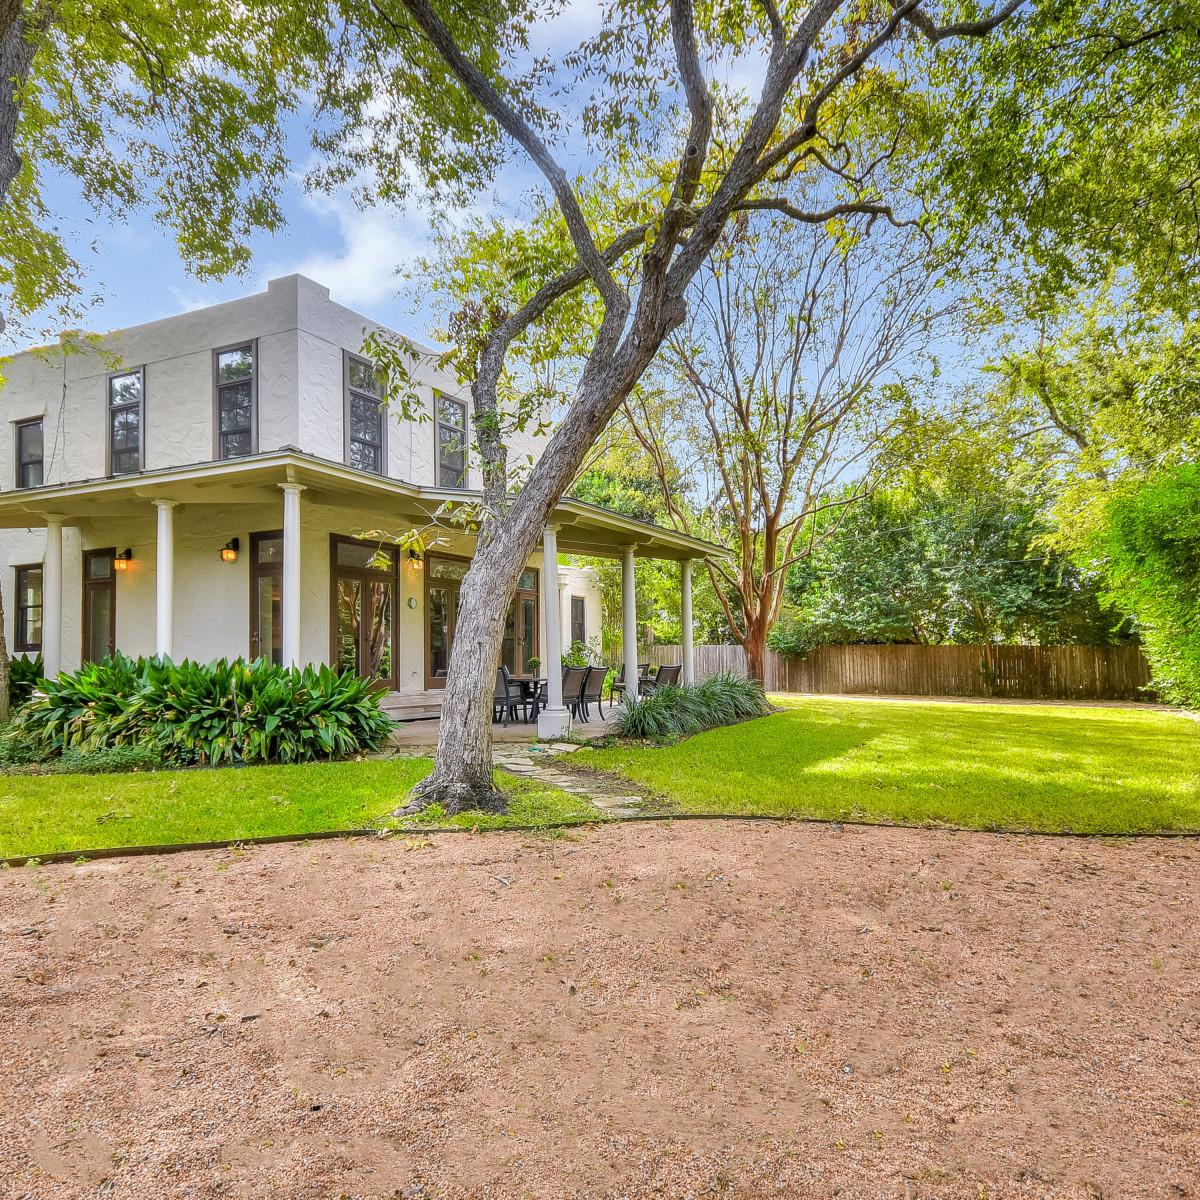 141 Cloverleaf San Antonio house for sale